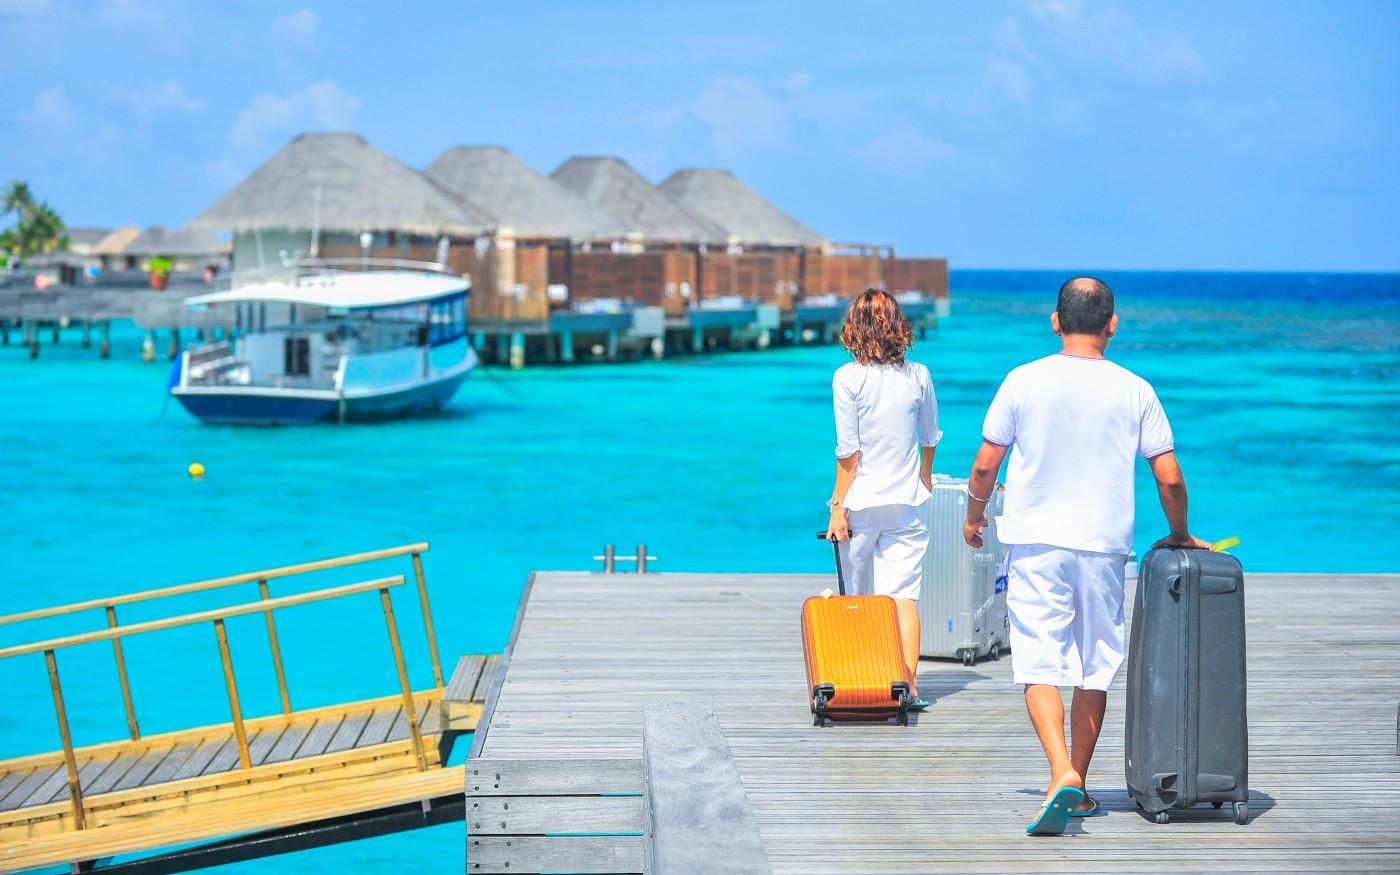 Zwei Urlaubsgäste mit Koffern